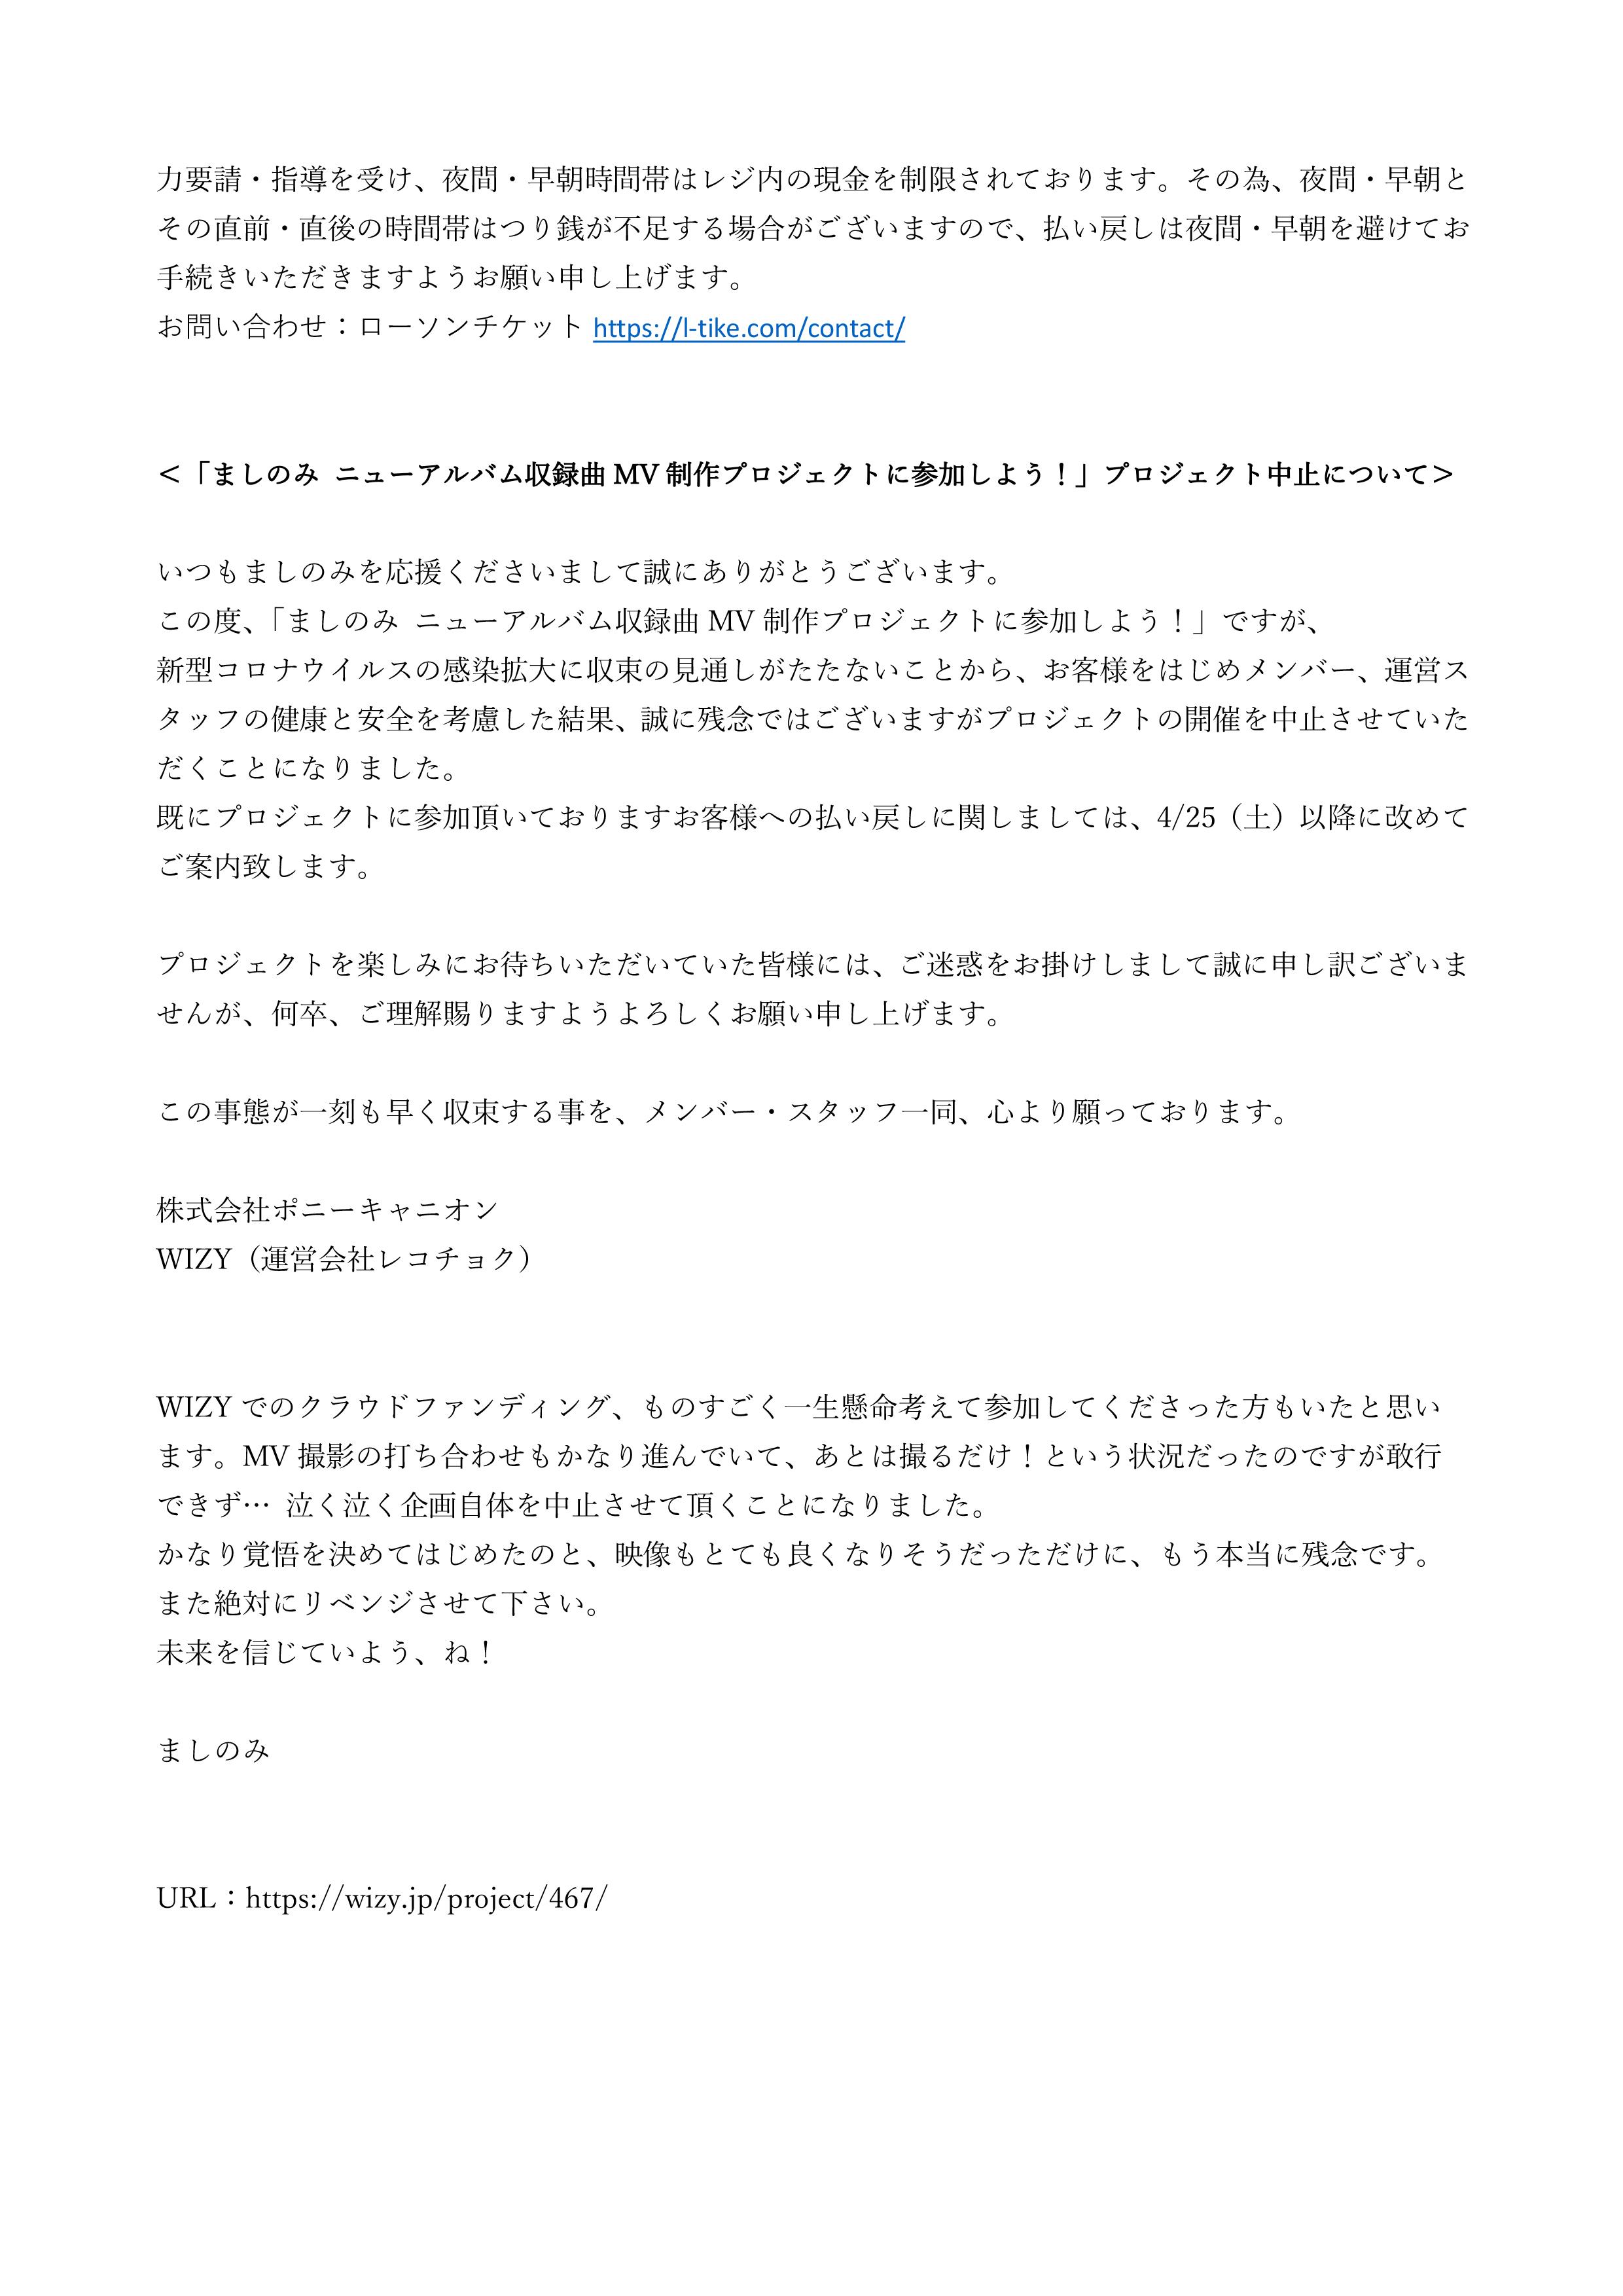 ましのみ ワンマンライブ、WIZY企画中止文言_ver16-3.jpg